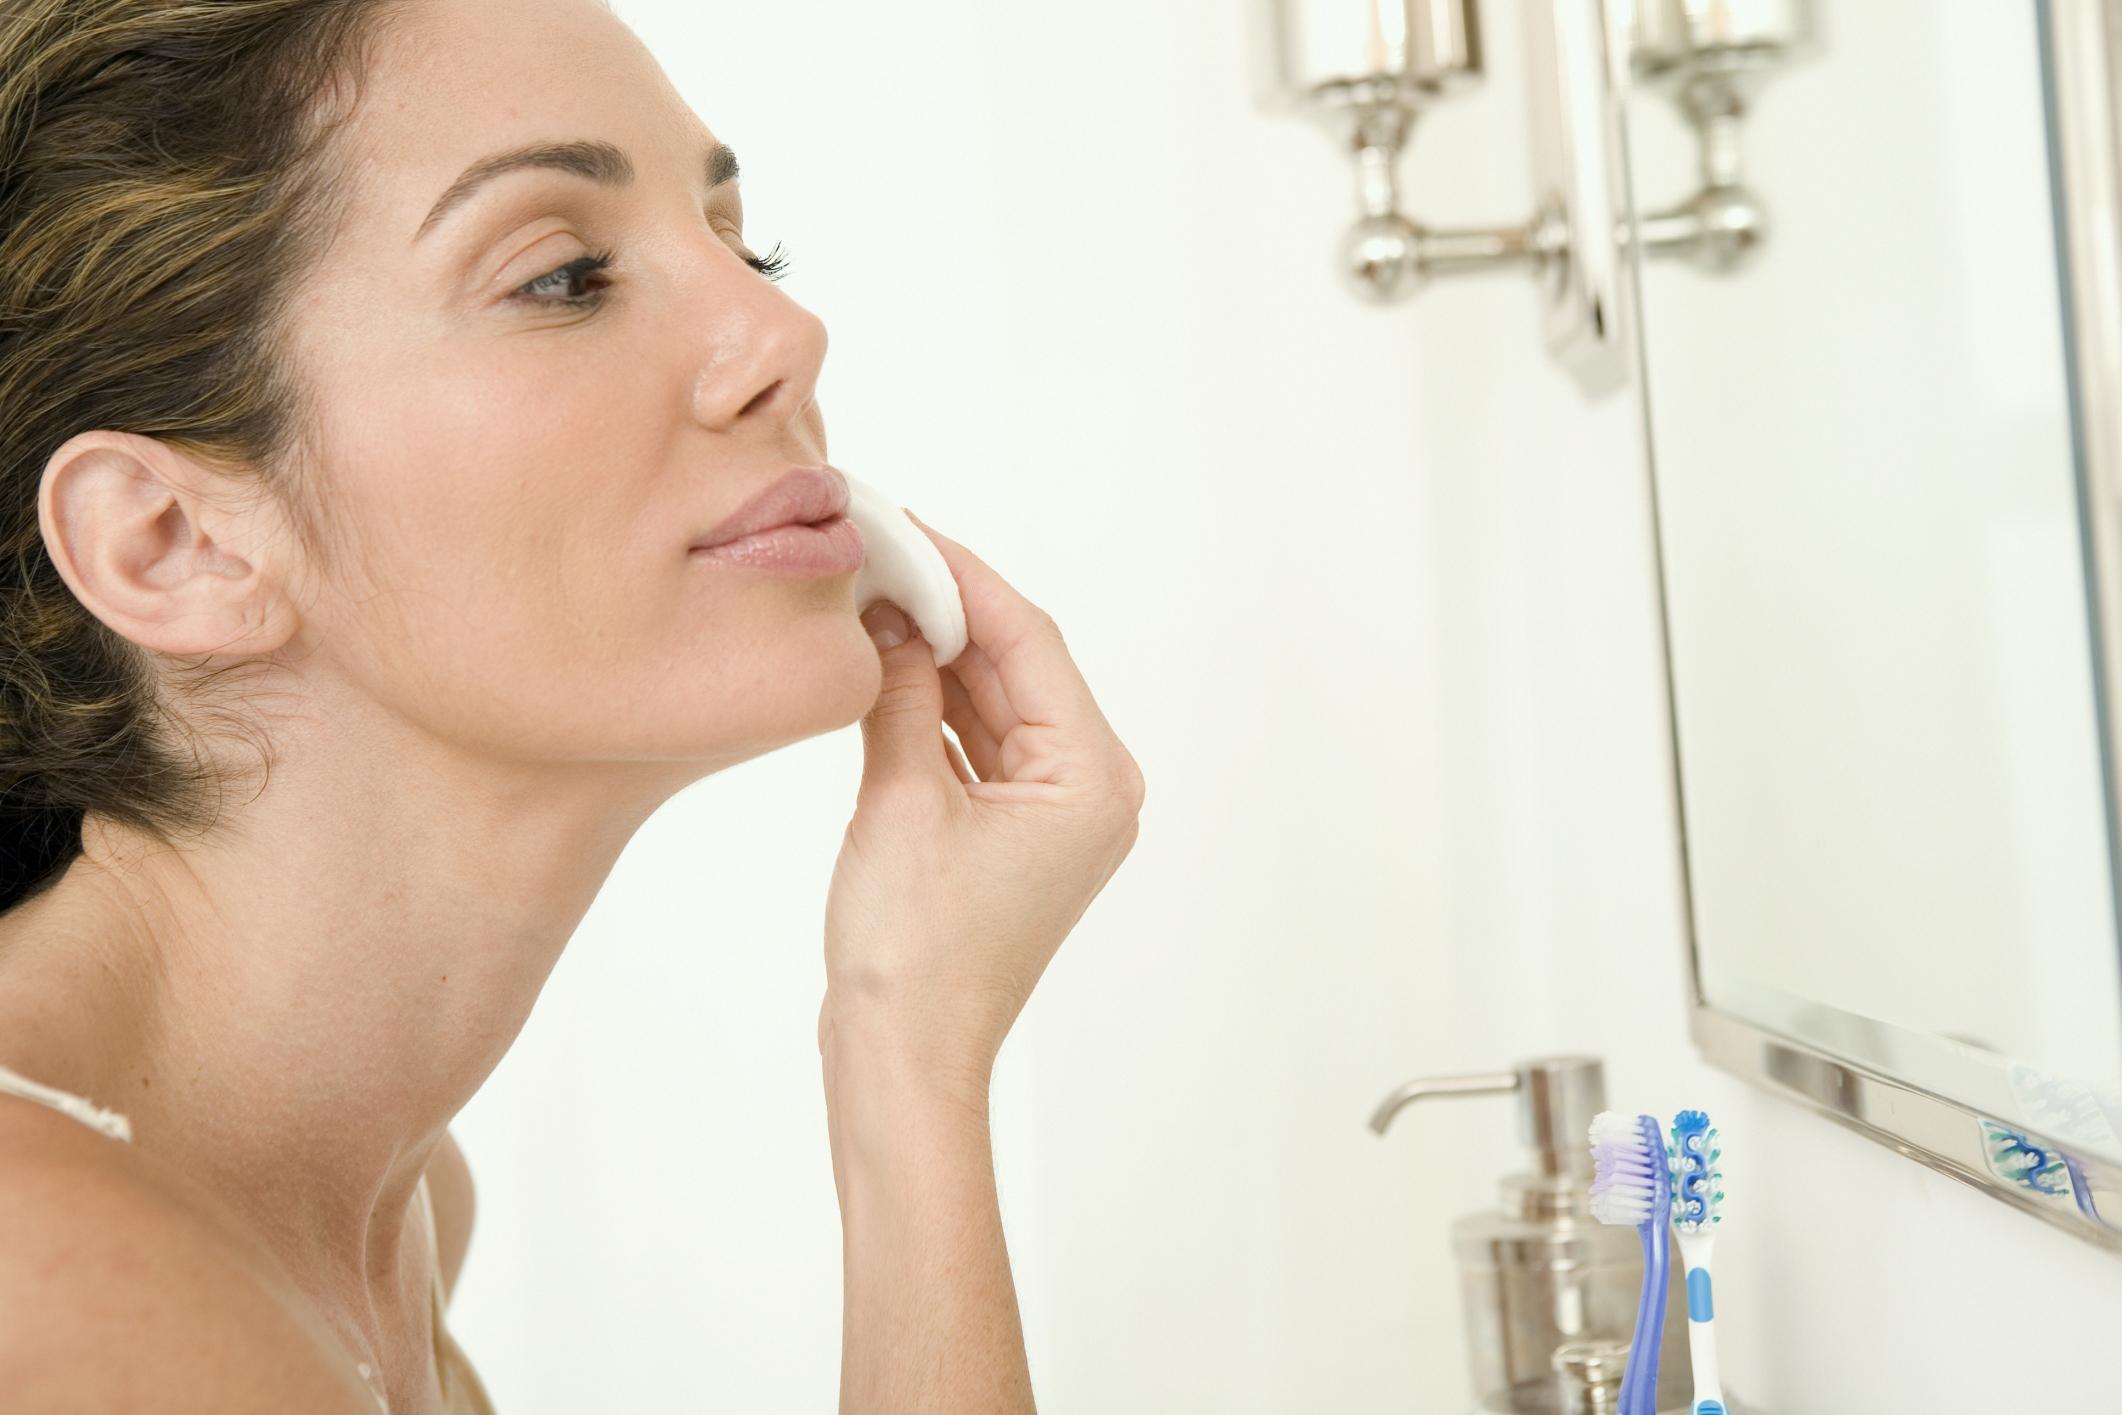 Resultado de imagen de foto de una chica con cremas frente a un espejo